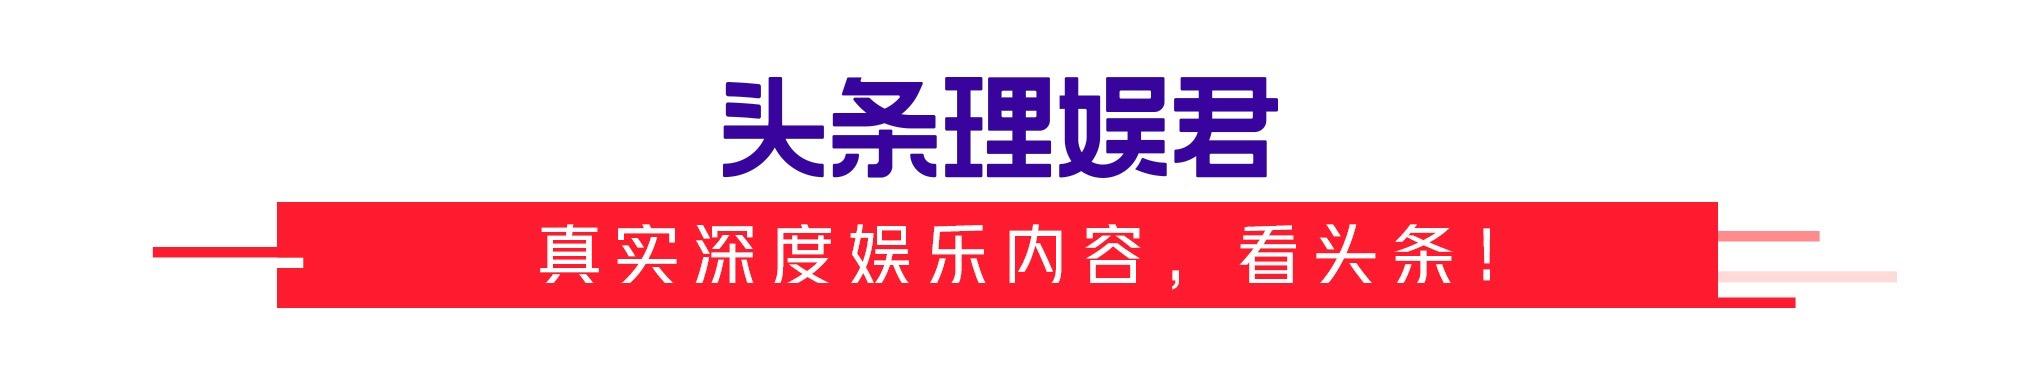 张杰、刘烨春晚隔空视频,曾因谢娜呛声,如今各自蛋糕显出大胃王吃